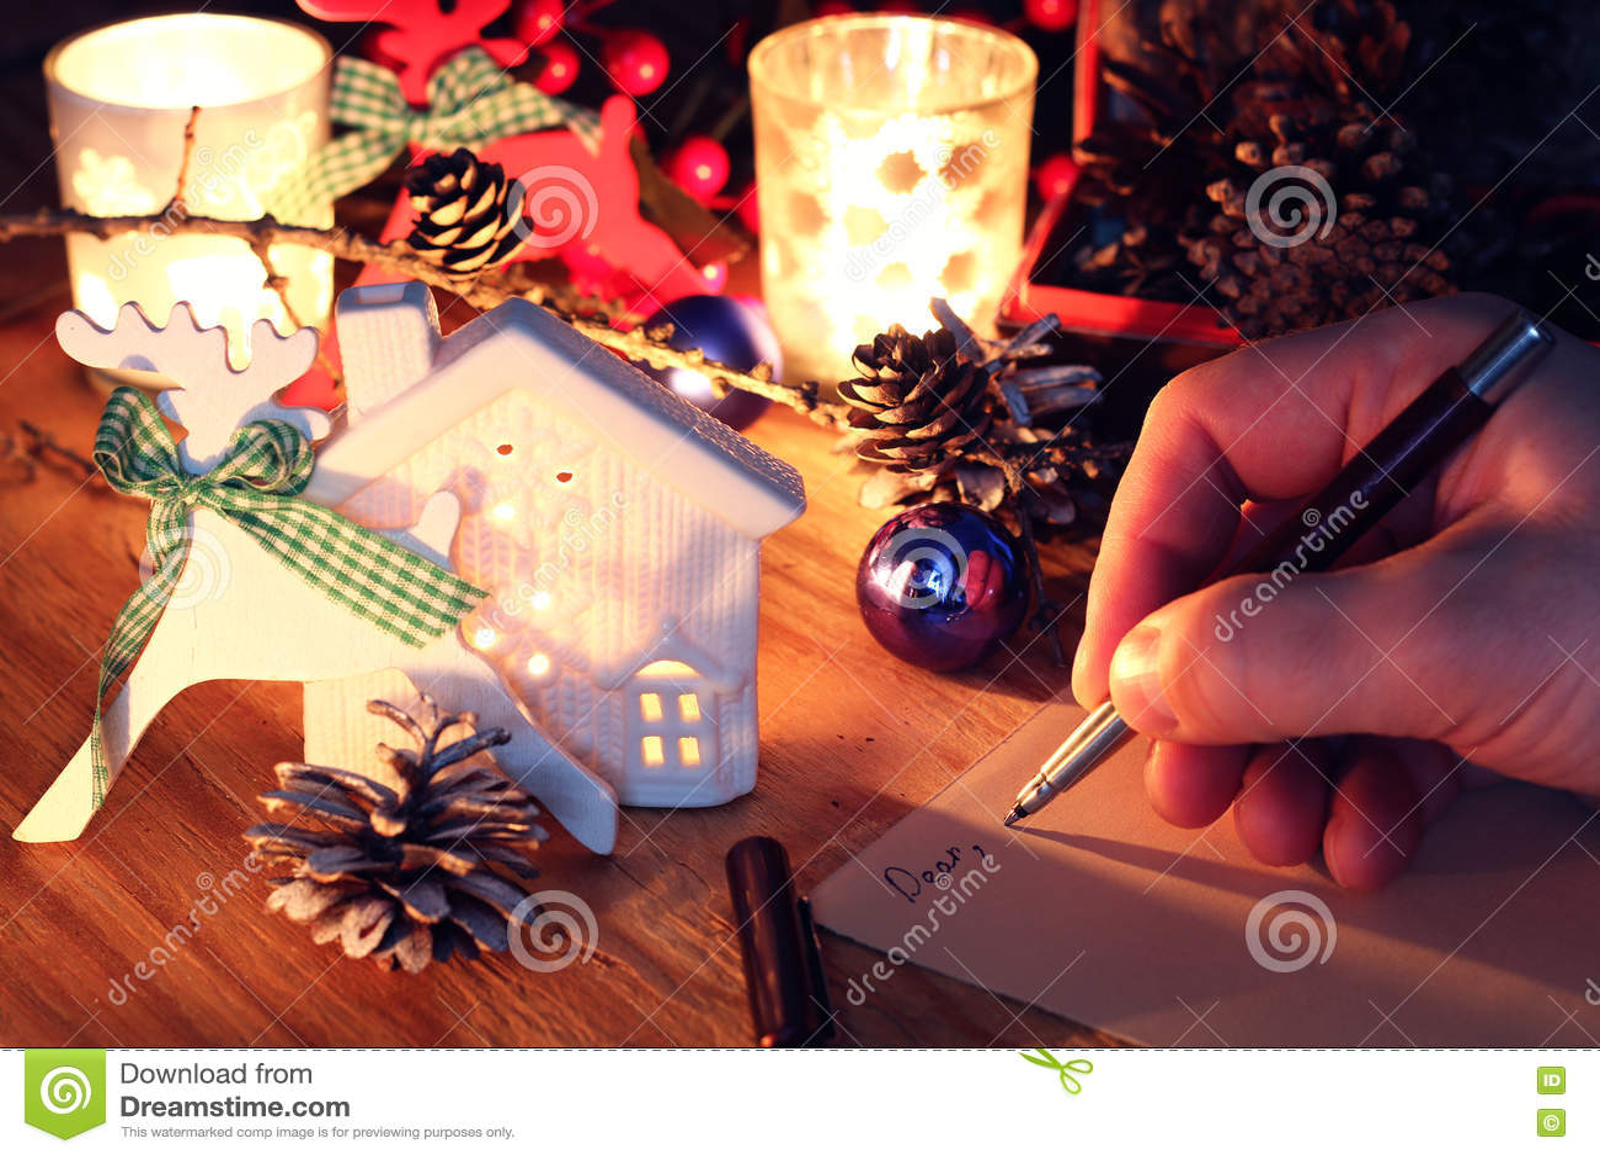 Hand Schreiben Grüße Für Das Neue Jahr Stockfoto - Bild von dezember ...